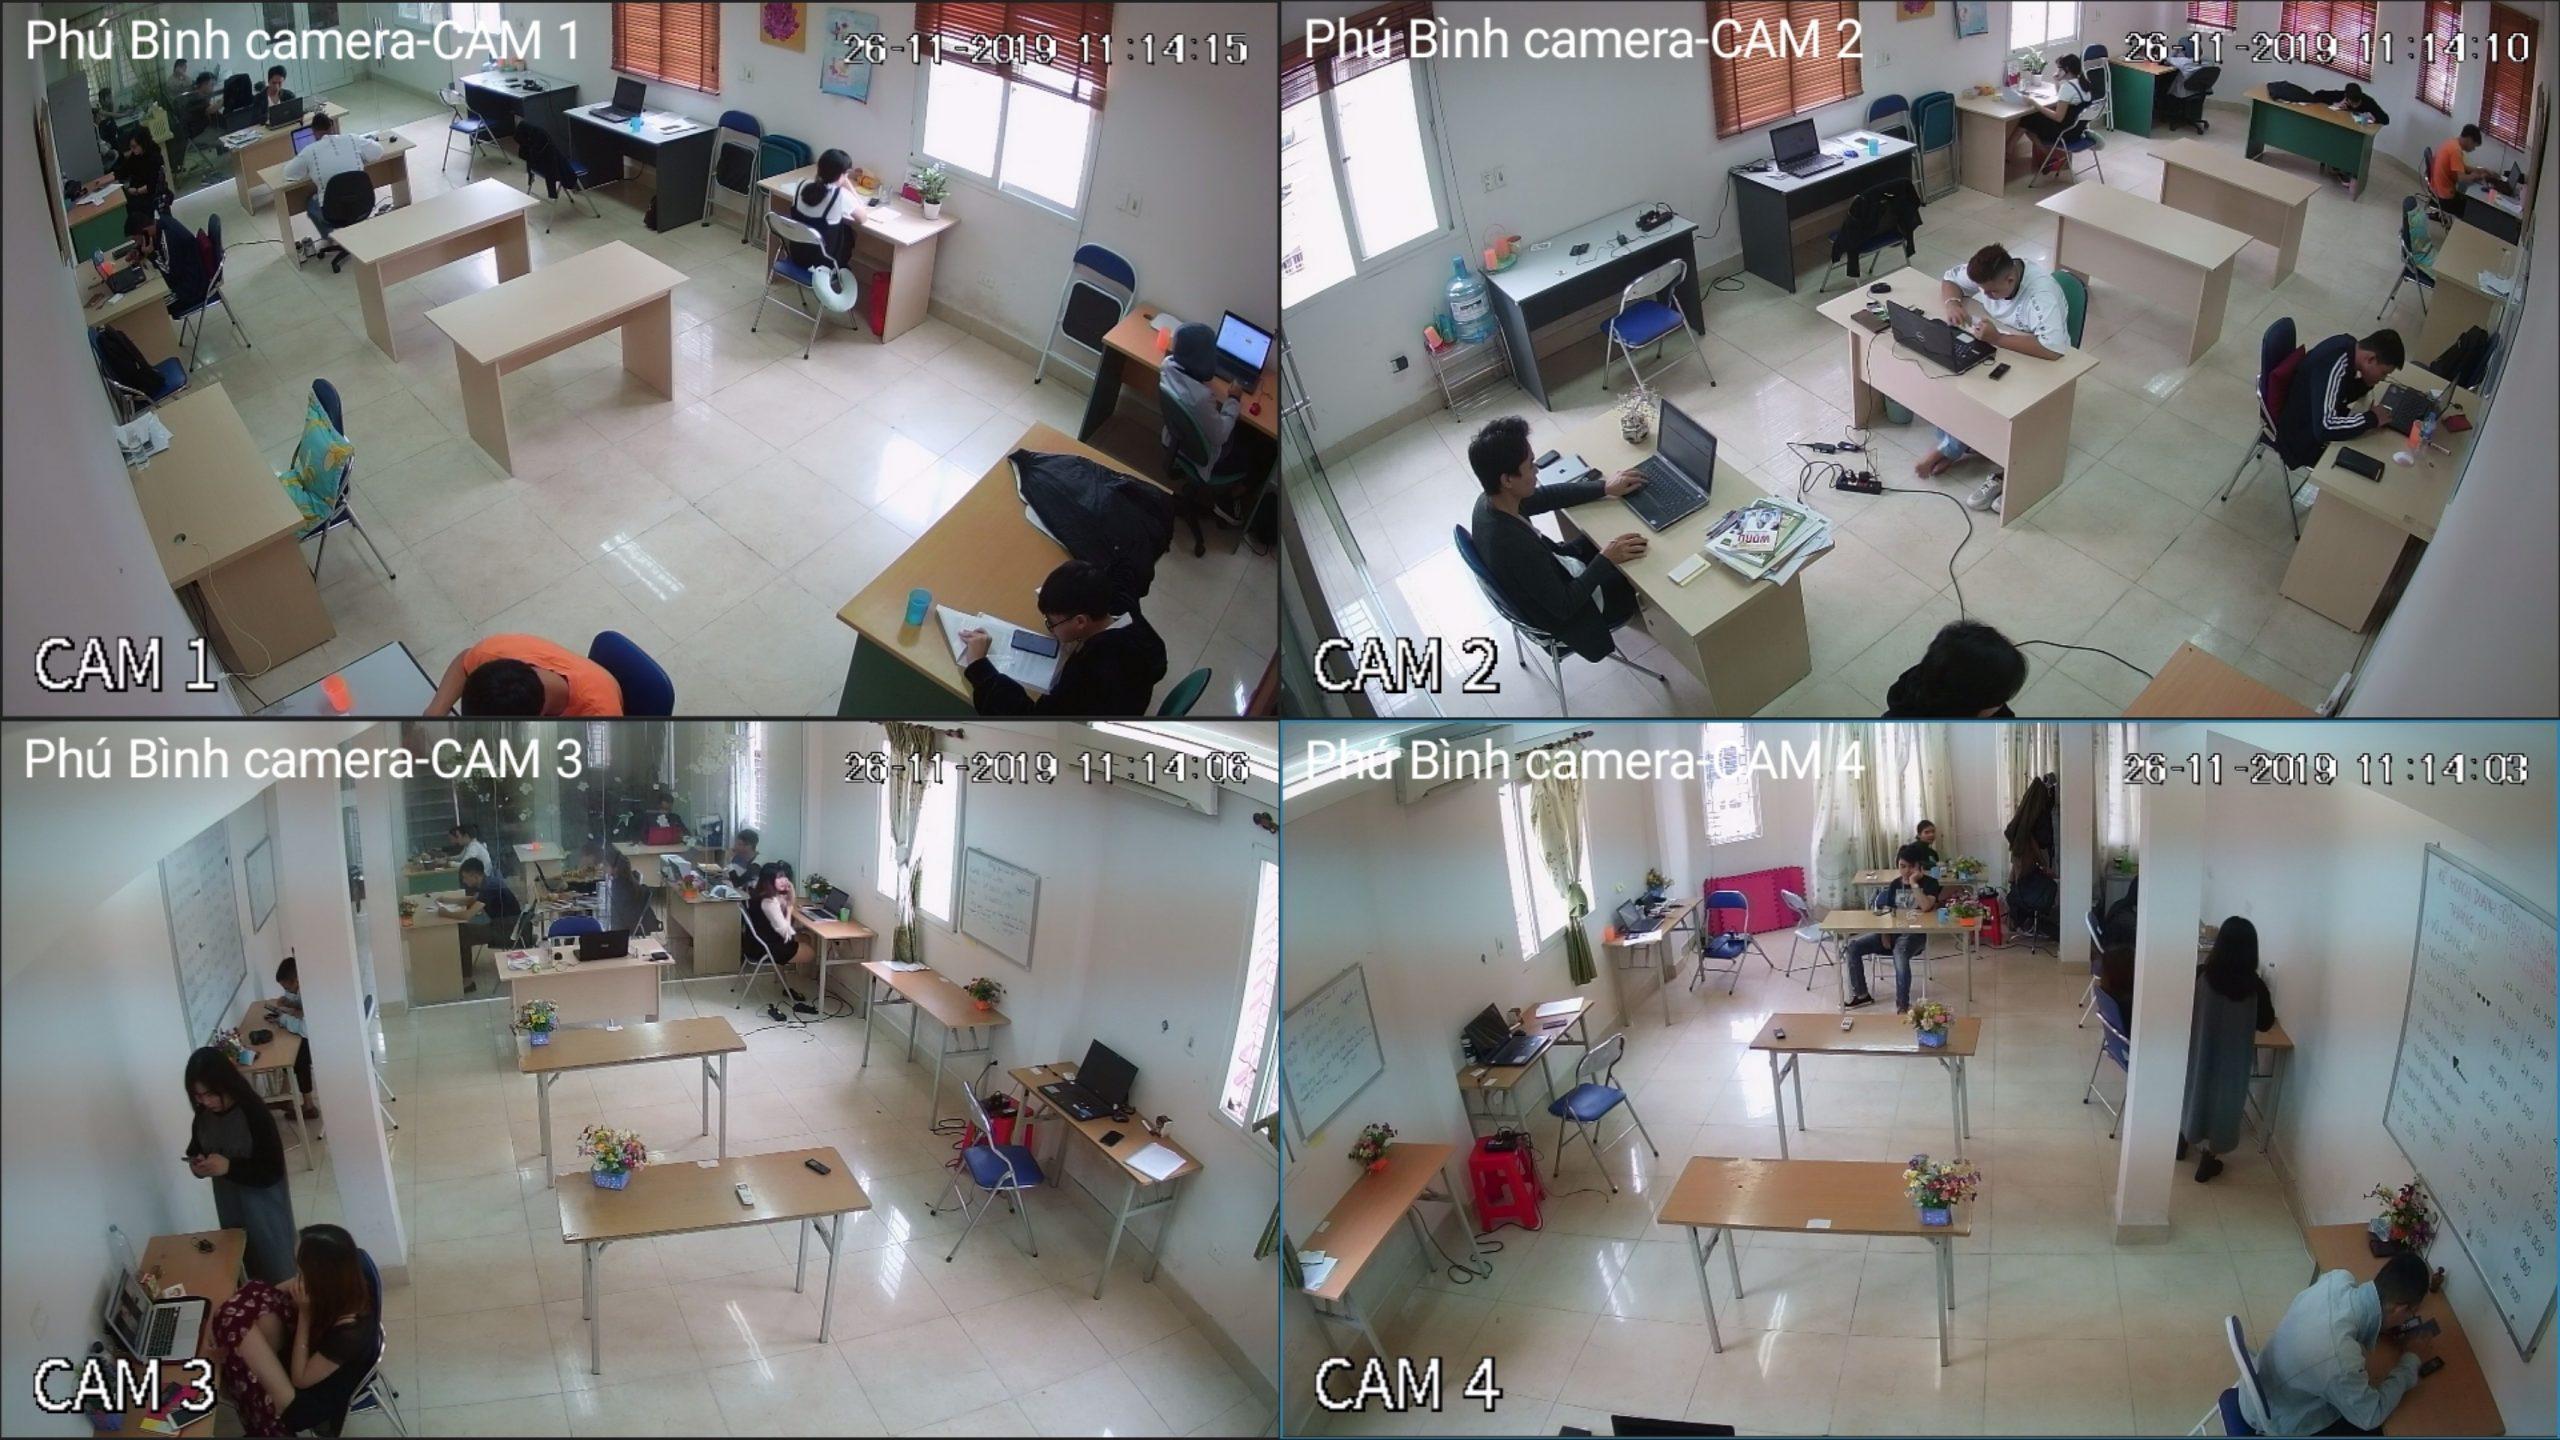 hình-ảnh-ban-ngày-bộ-1-camera-dahua-2.0-có-mic-ghi-âm-phubinh